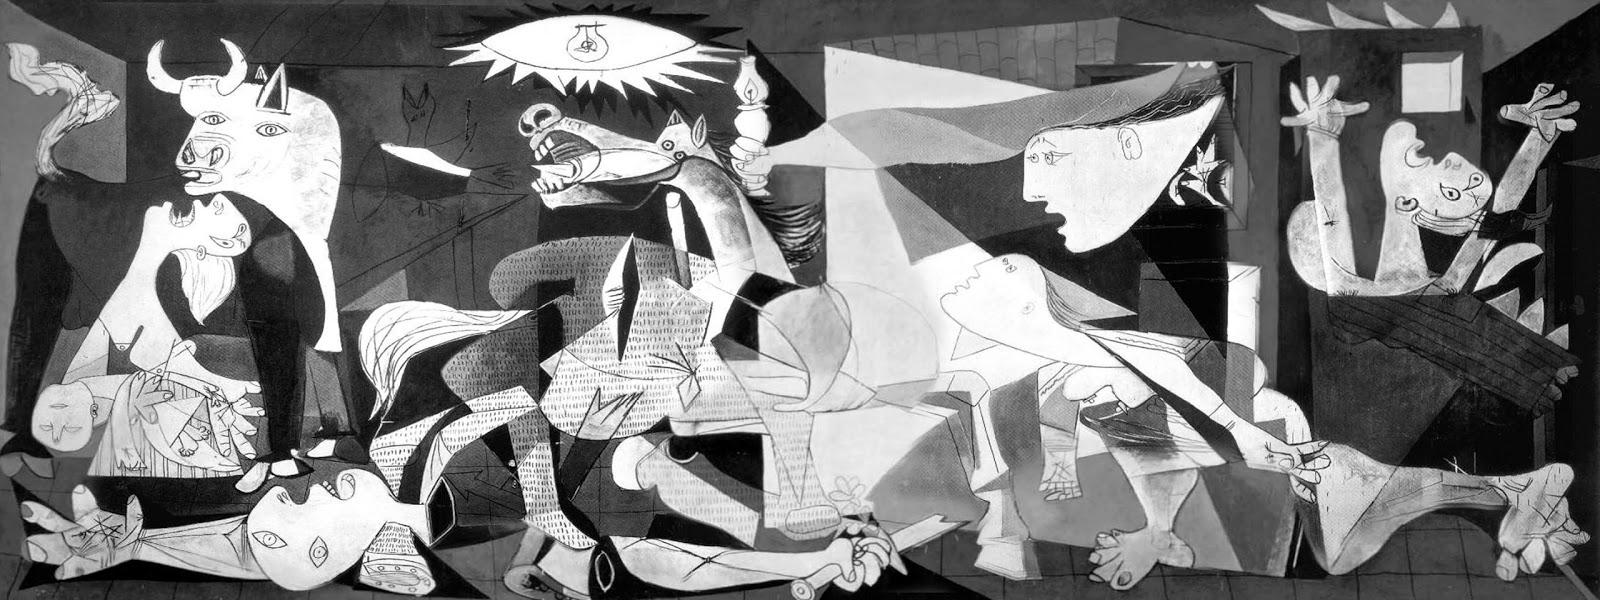 Picasso guernica vs michelangelo pieta